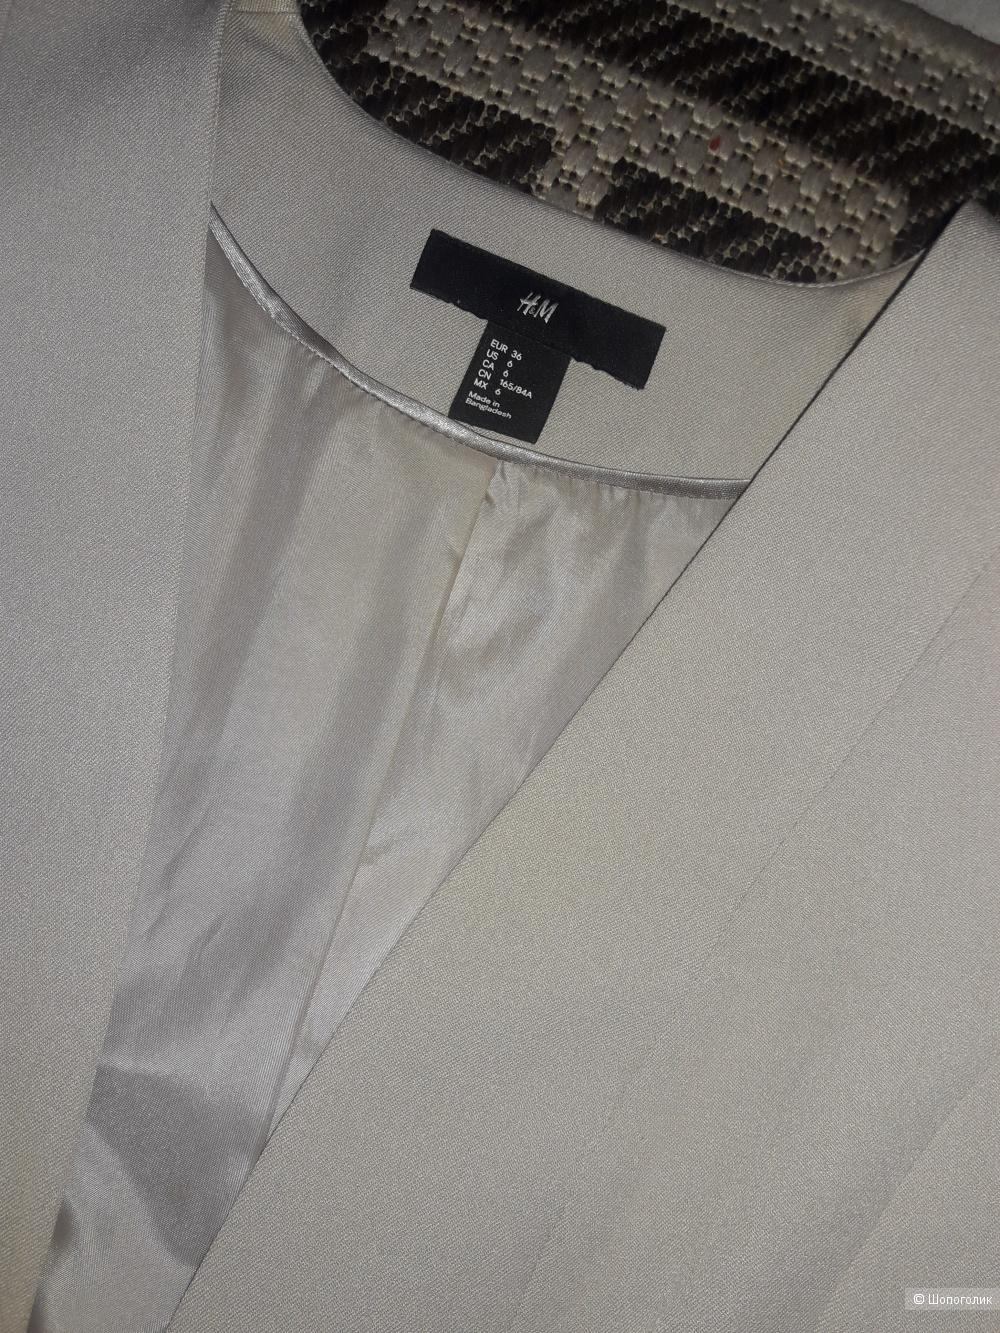 Пиджак H&M, р-р 36EU(s)